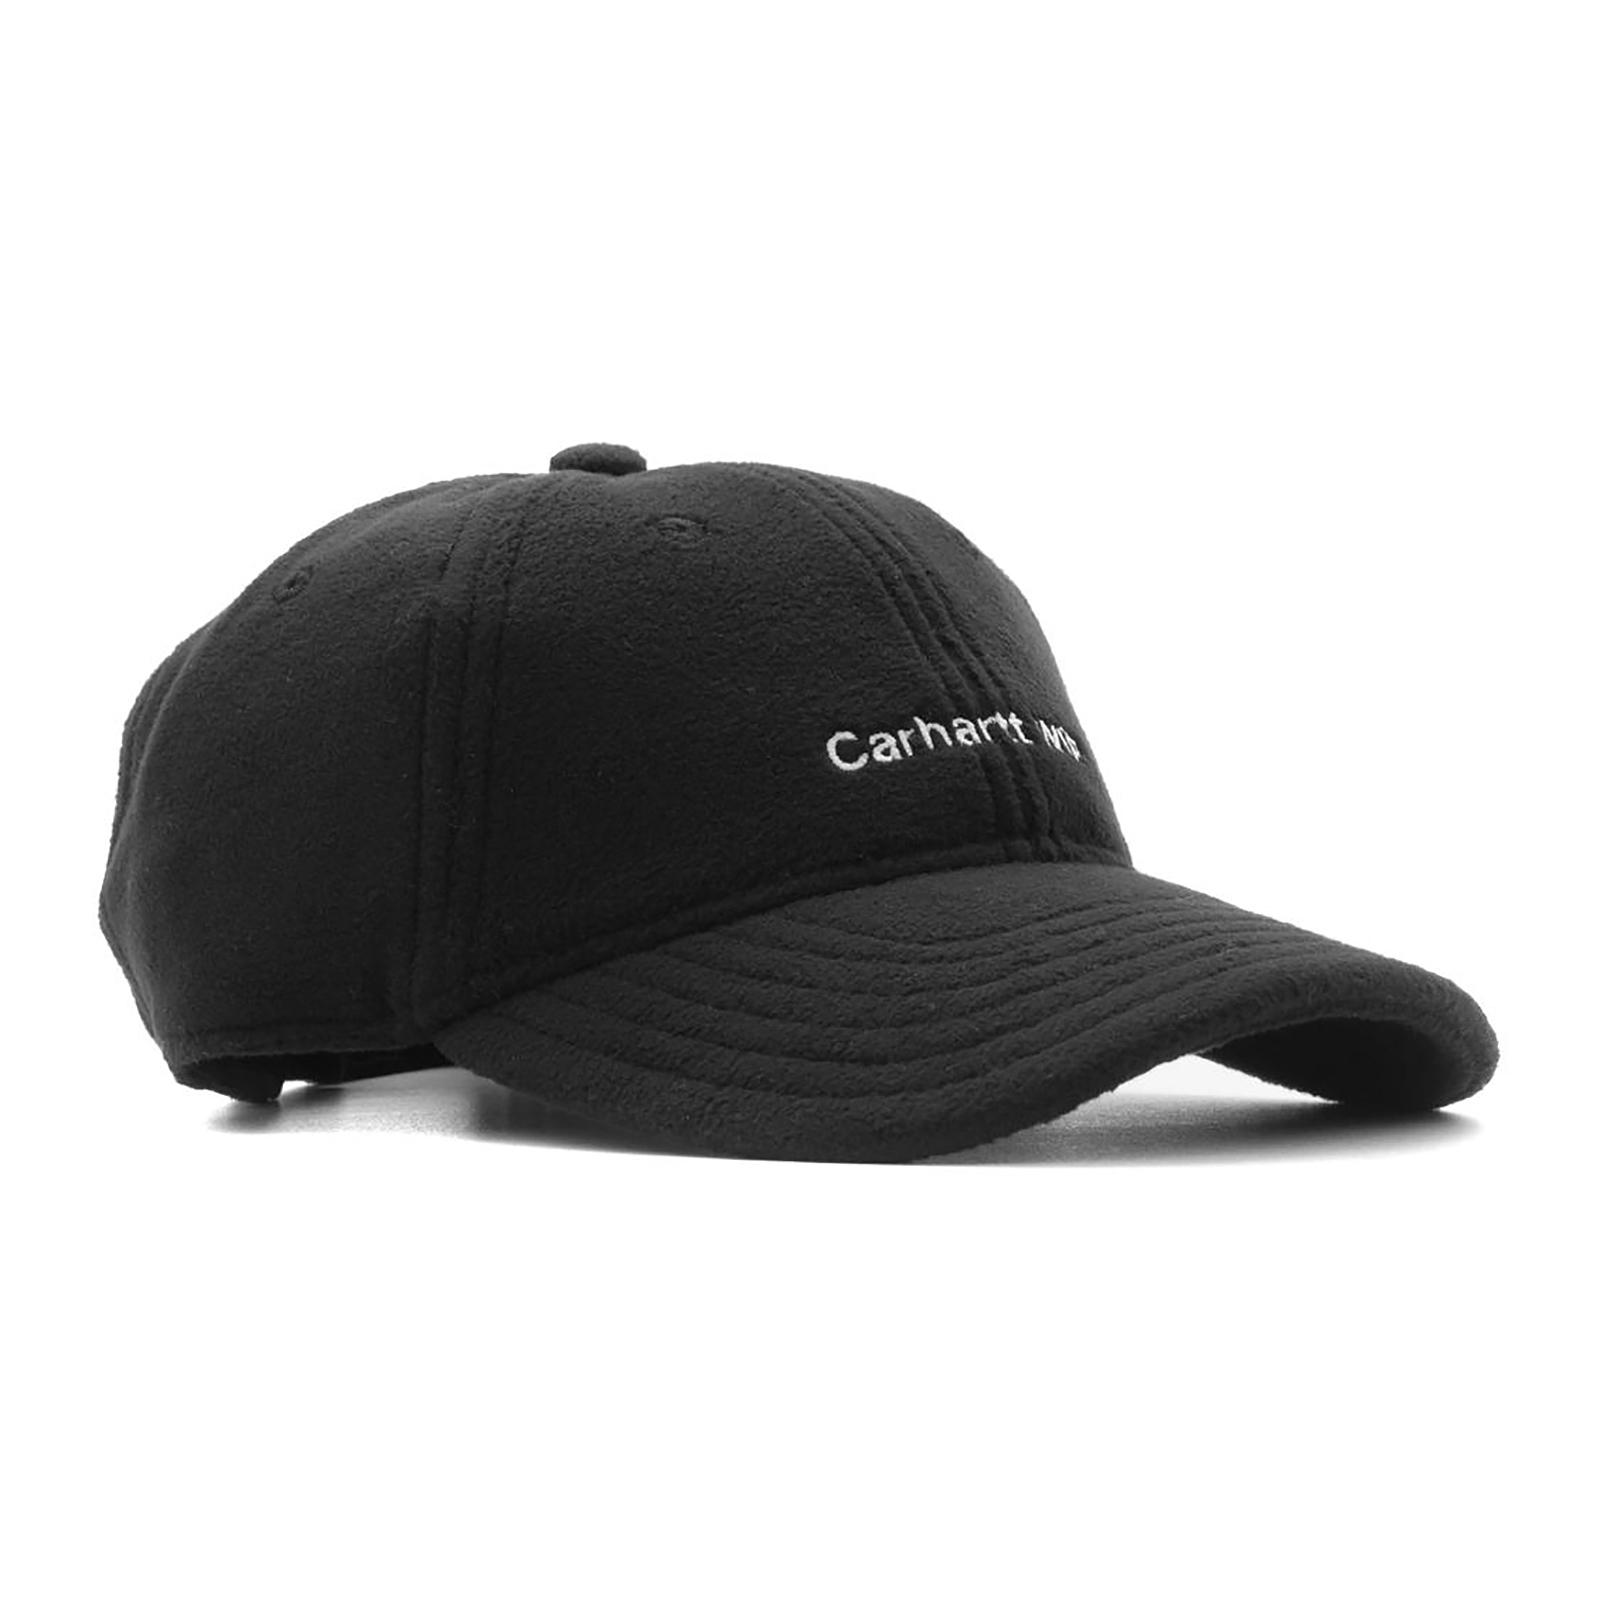 3d13943e057 Carhartt Cappelli Bold Script Cap Black Black